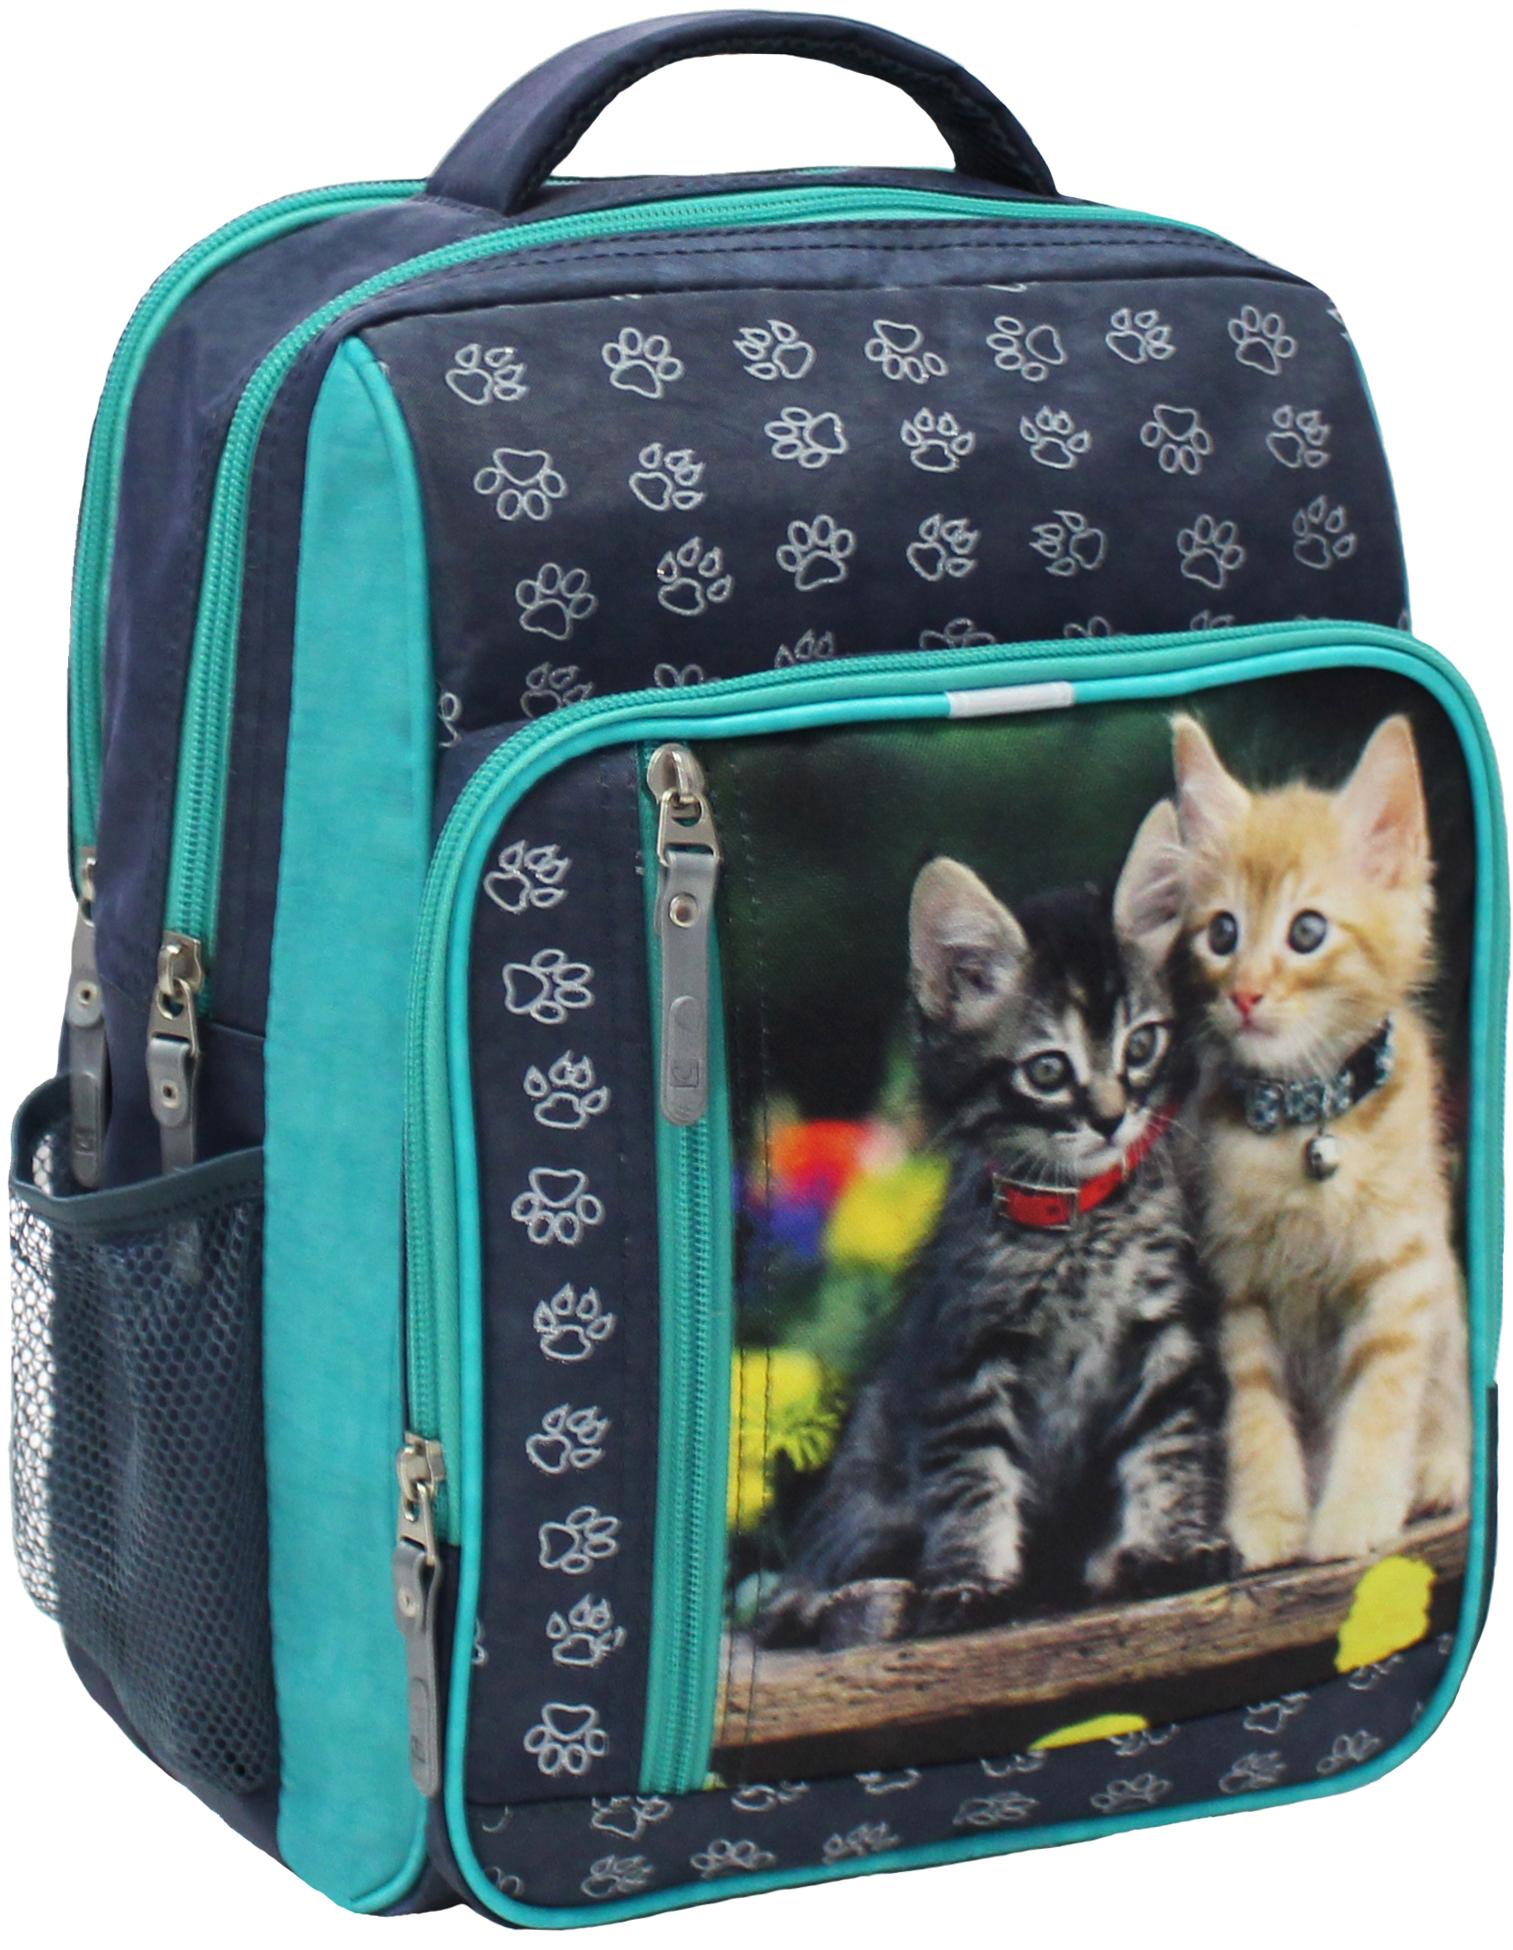 Школьные рюкзаки Рюкзак школьный Bagland Школьник 8 л. 321 сiрий 143 д (00112702) IMG_5312.JPG